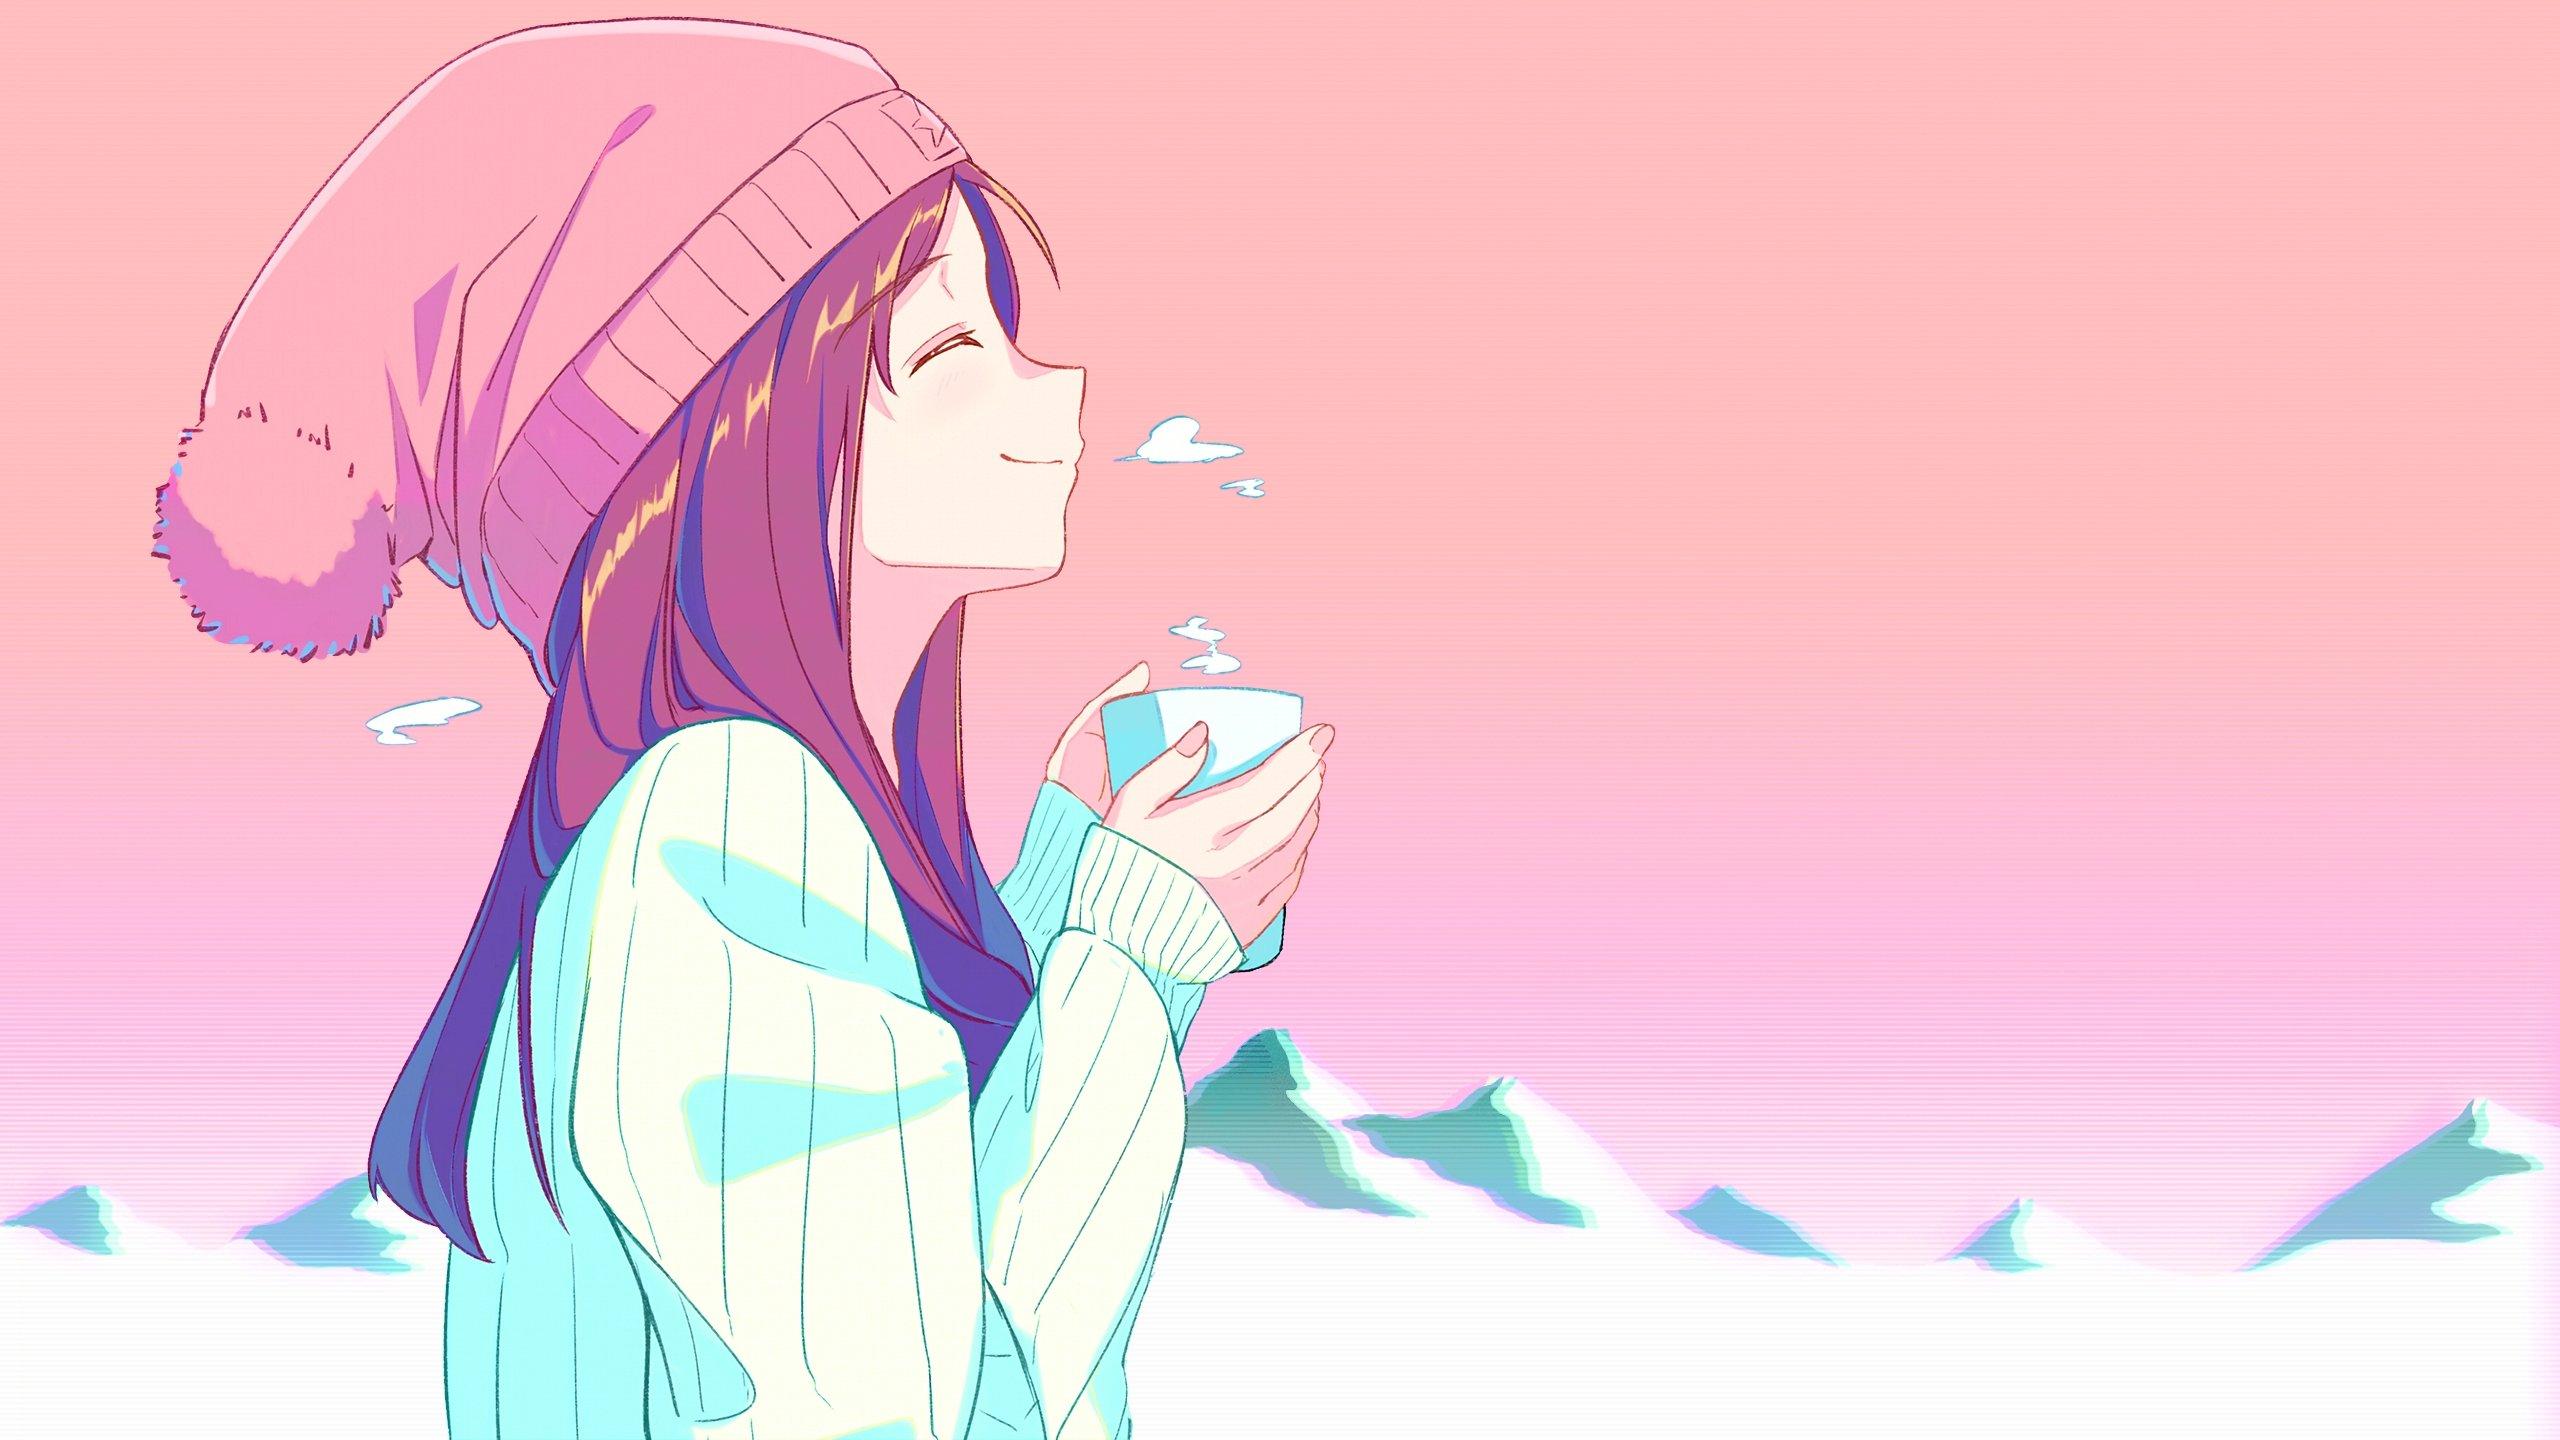 Wallpaper Anime girl